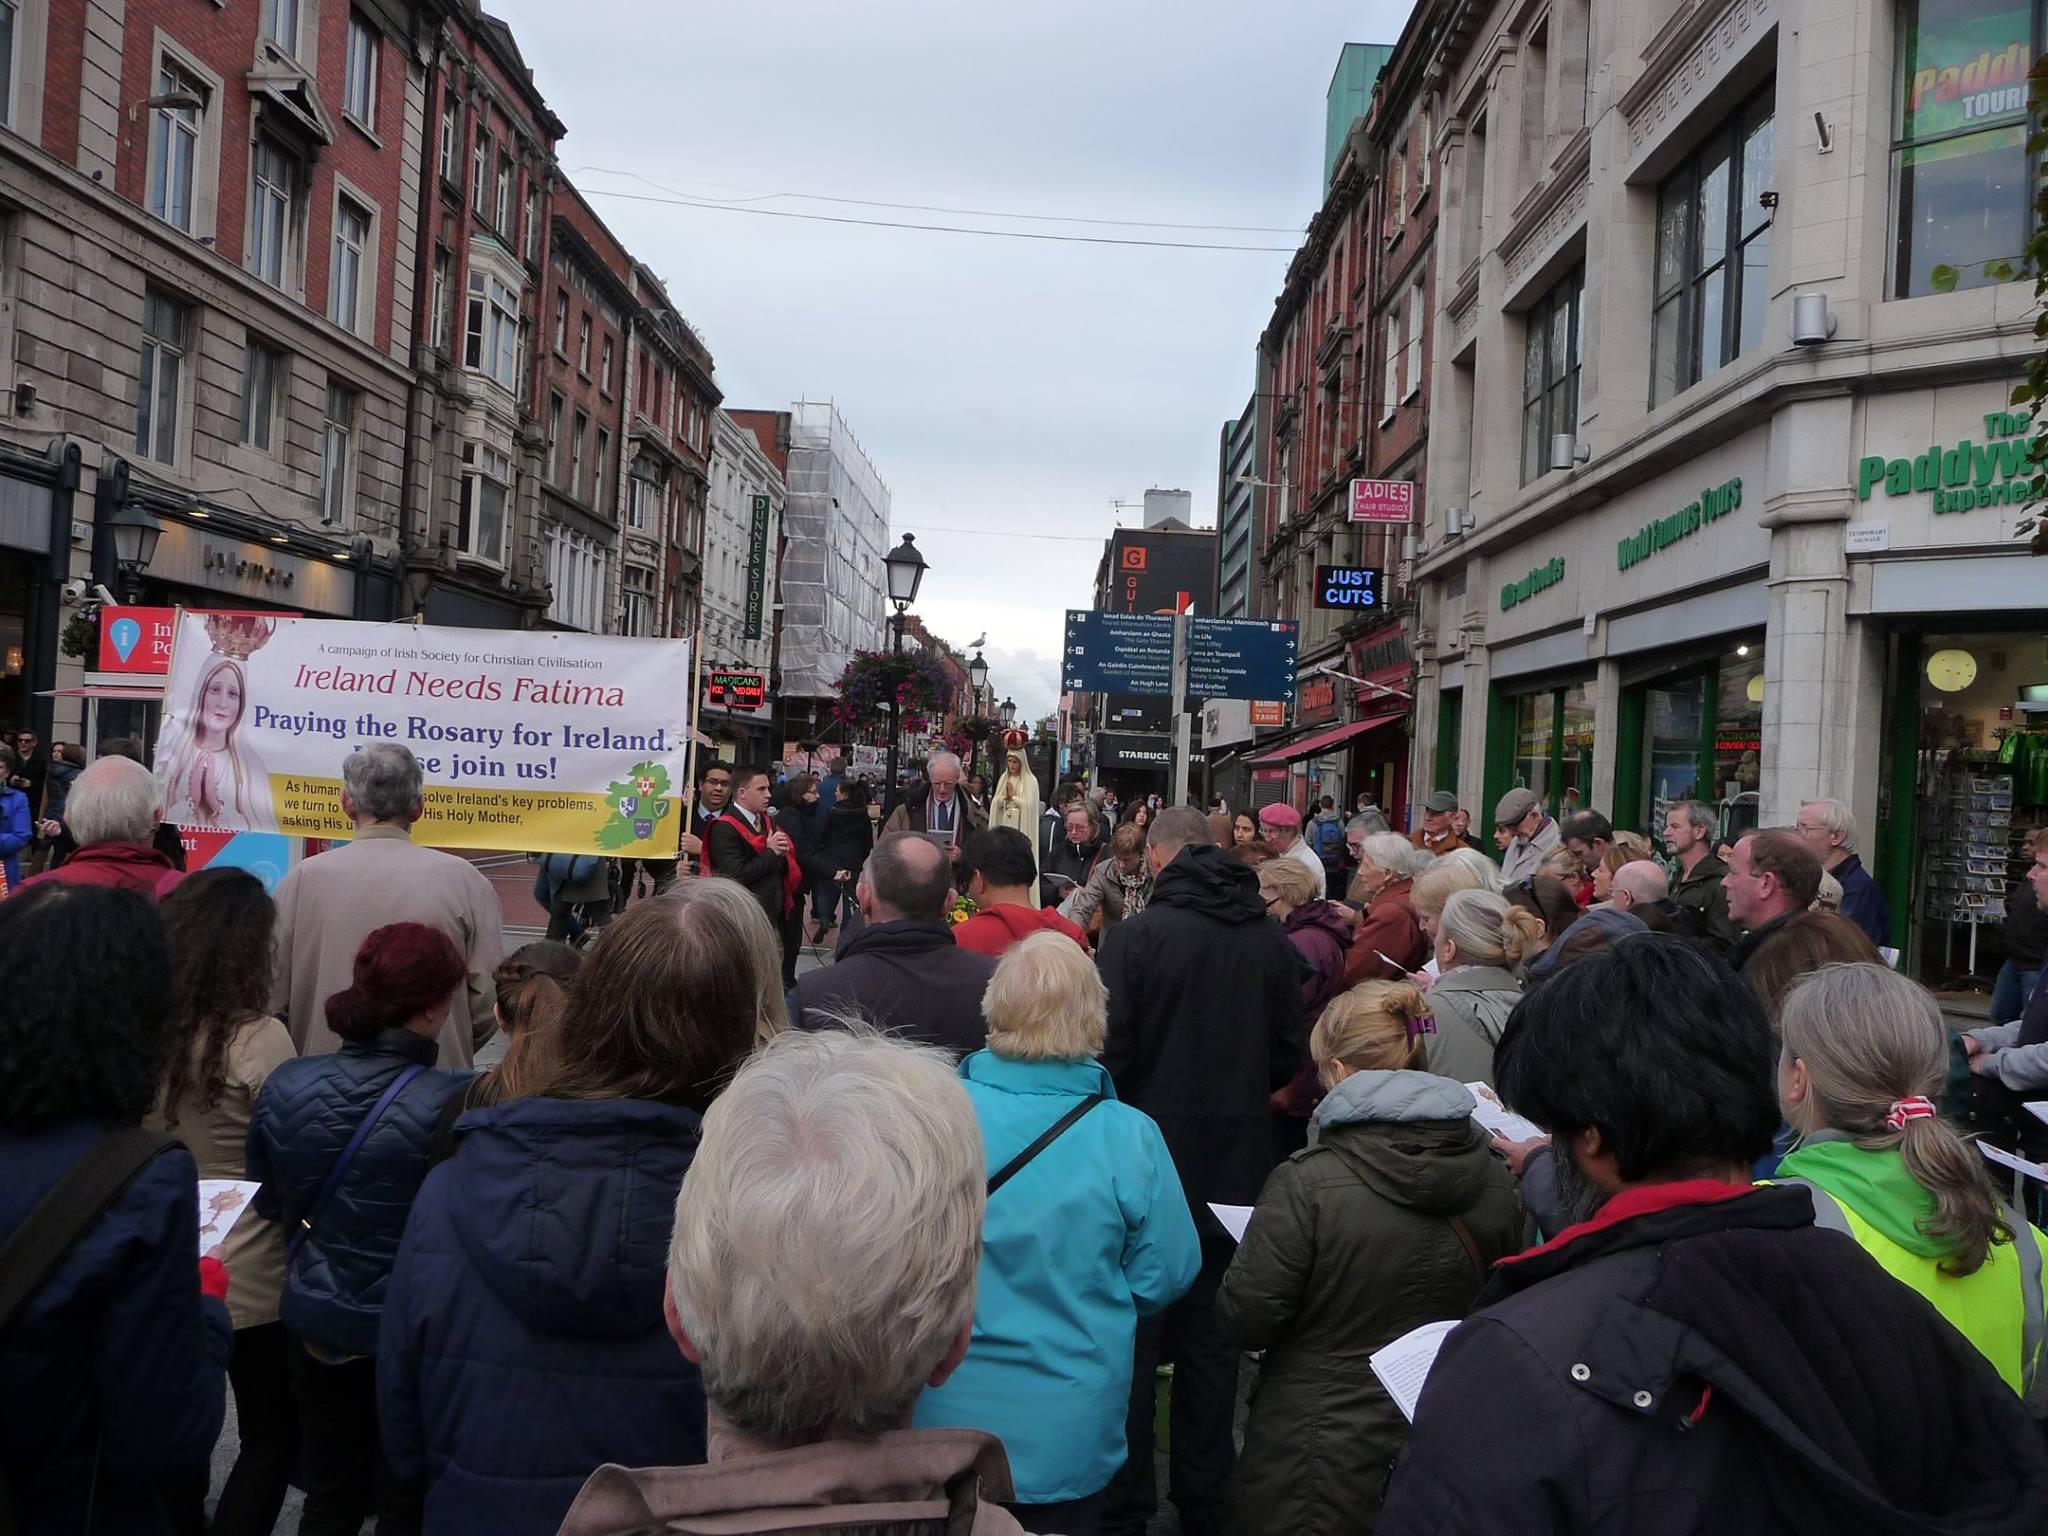 O'Connell St. Dublin